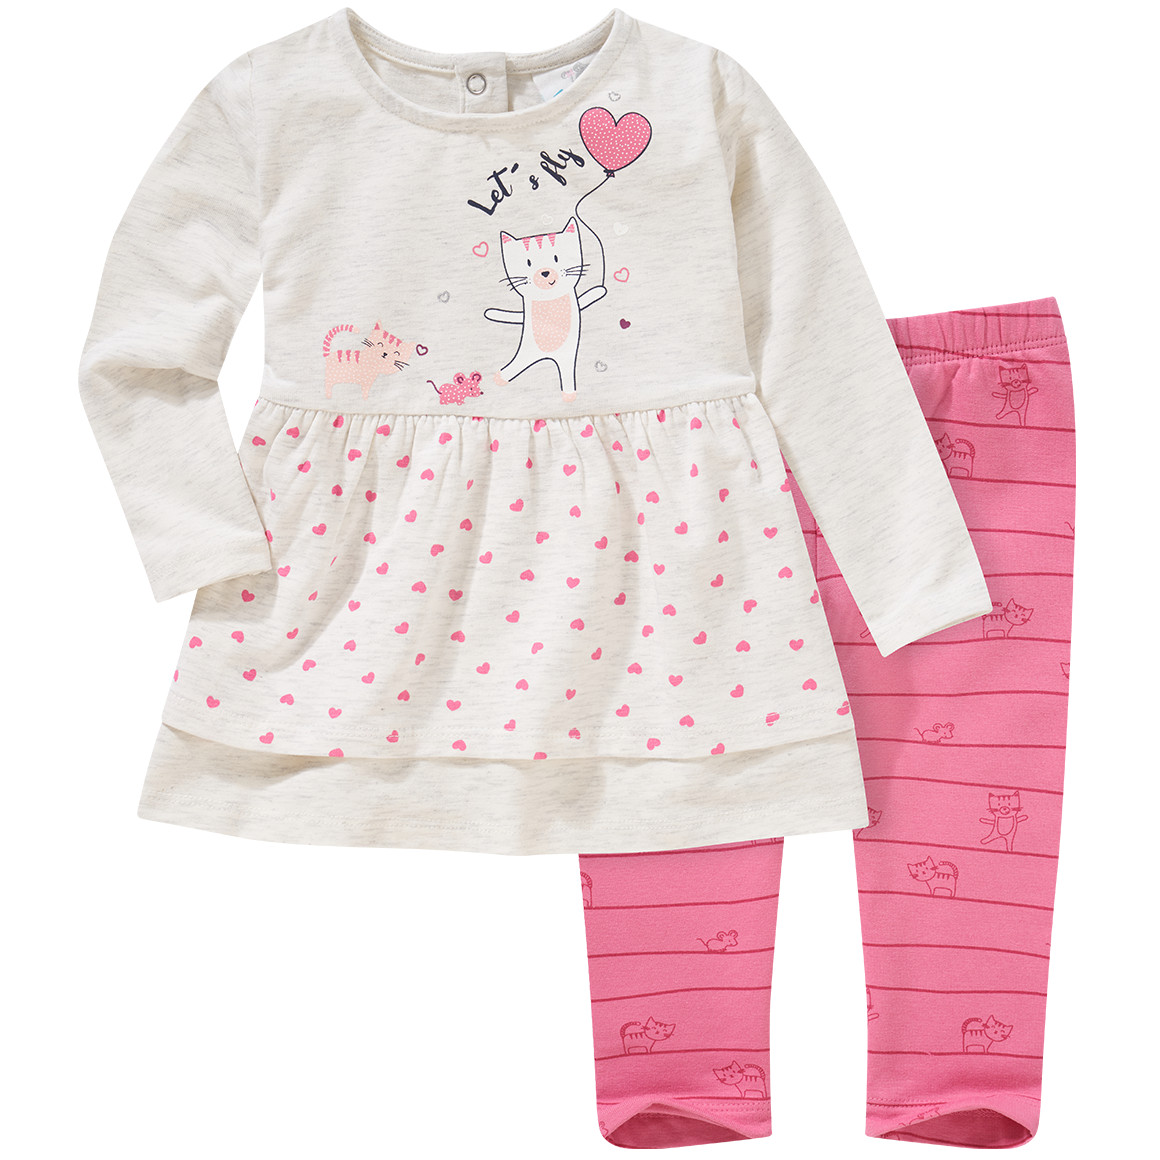 Babysets - Baby Langarmshirt und Thermo Leggings im Set - Onlineshop Ernstings family